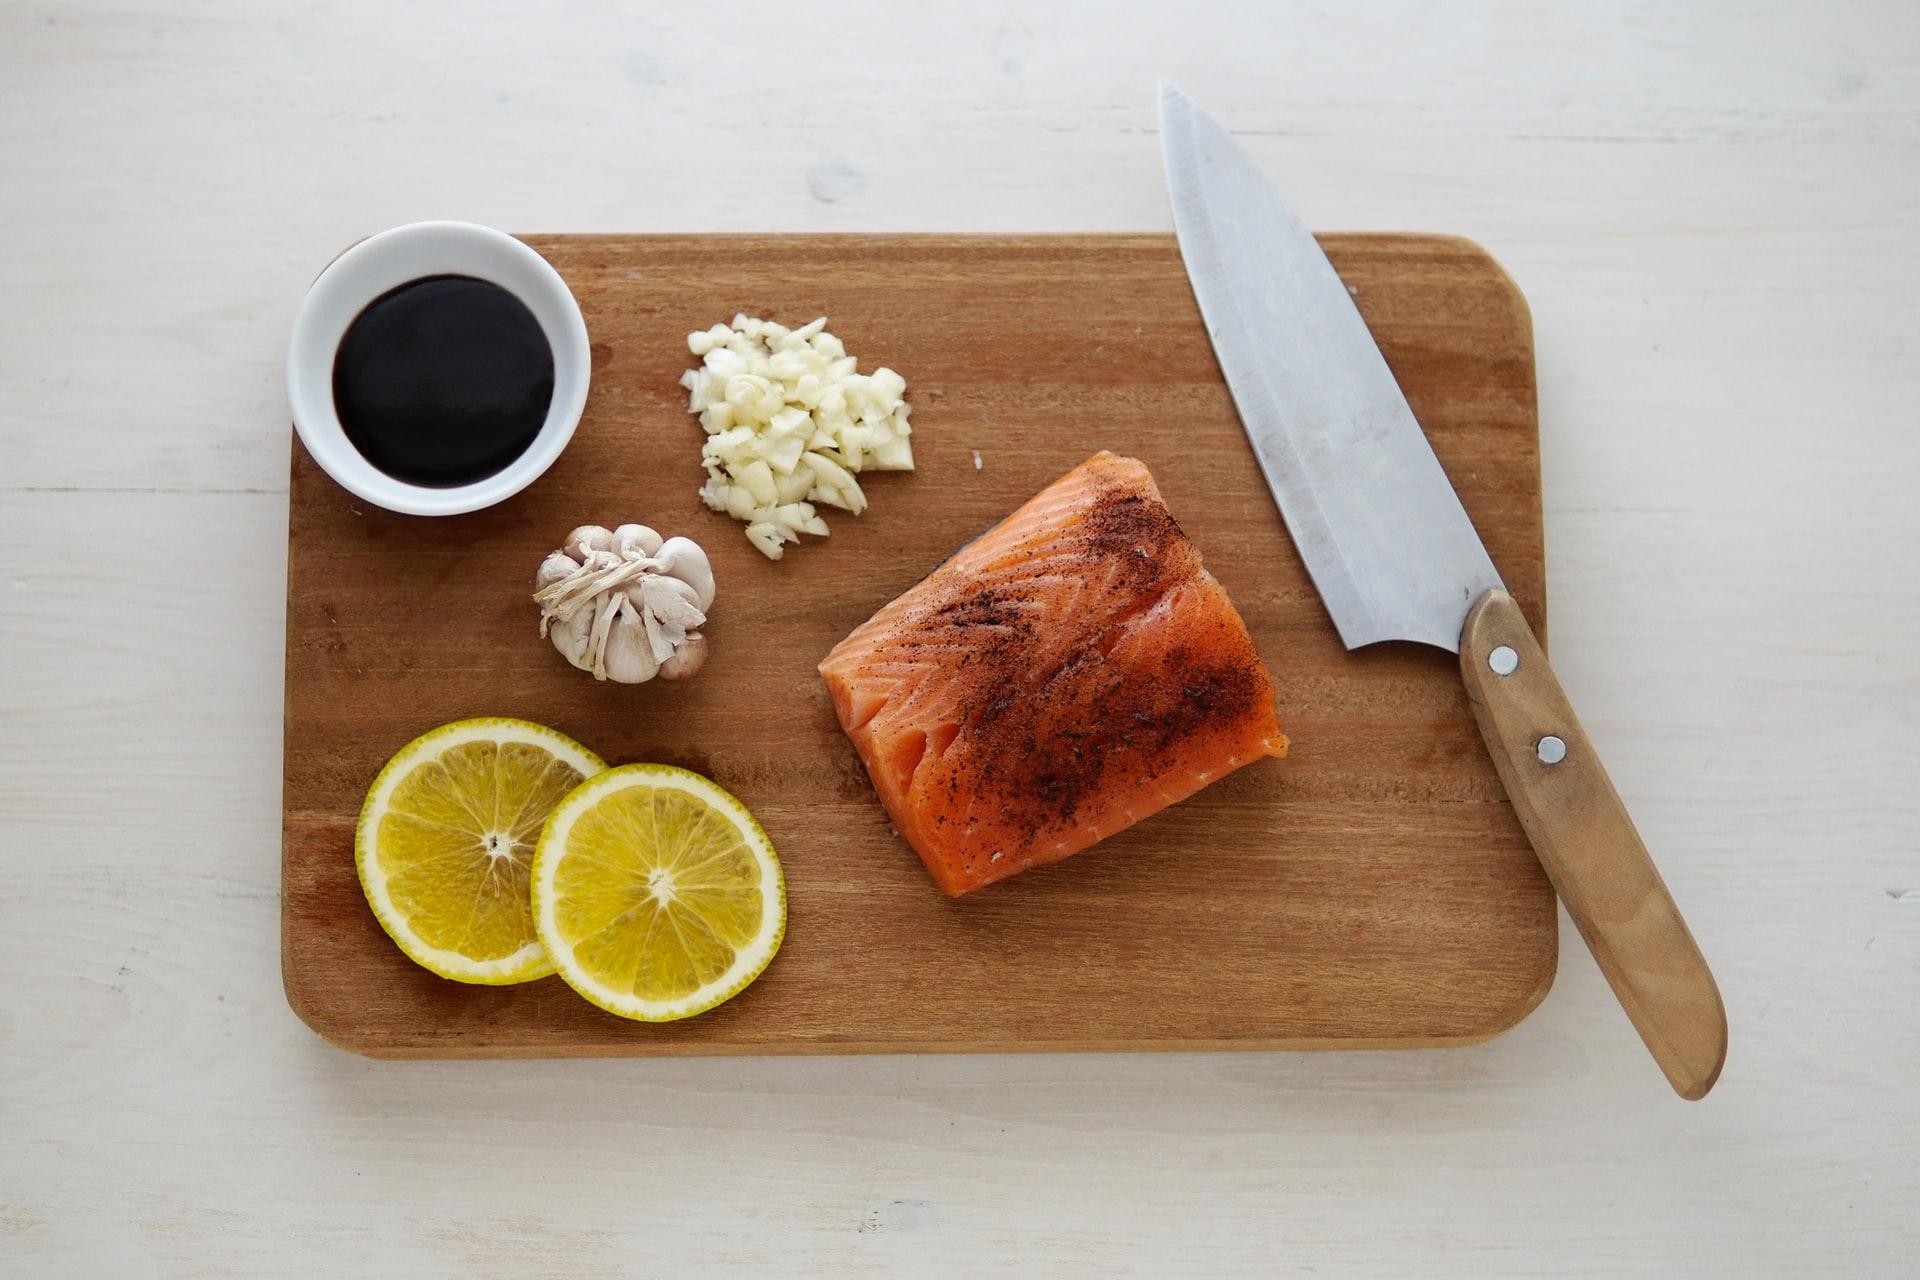 dieta chetogenica, gli alimenti essenziali